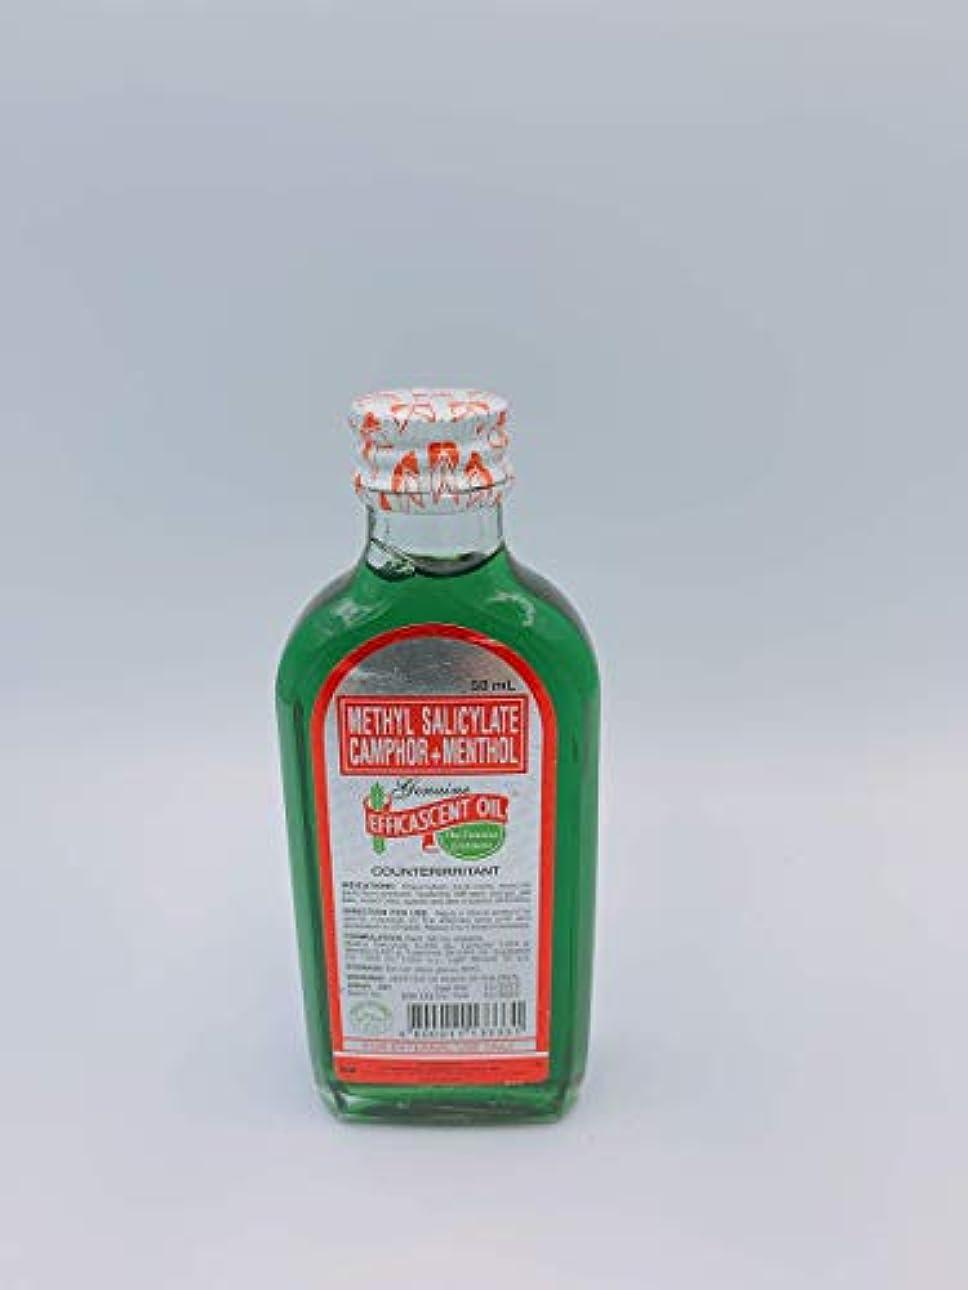 モチーフ抑圧する提供するEFFICASCENT OIL 50ml 【エフィカセント マッサージオイル 50ml】